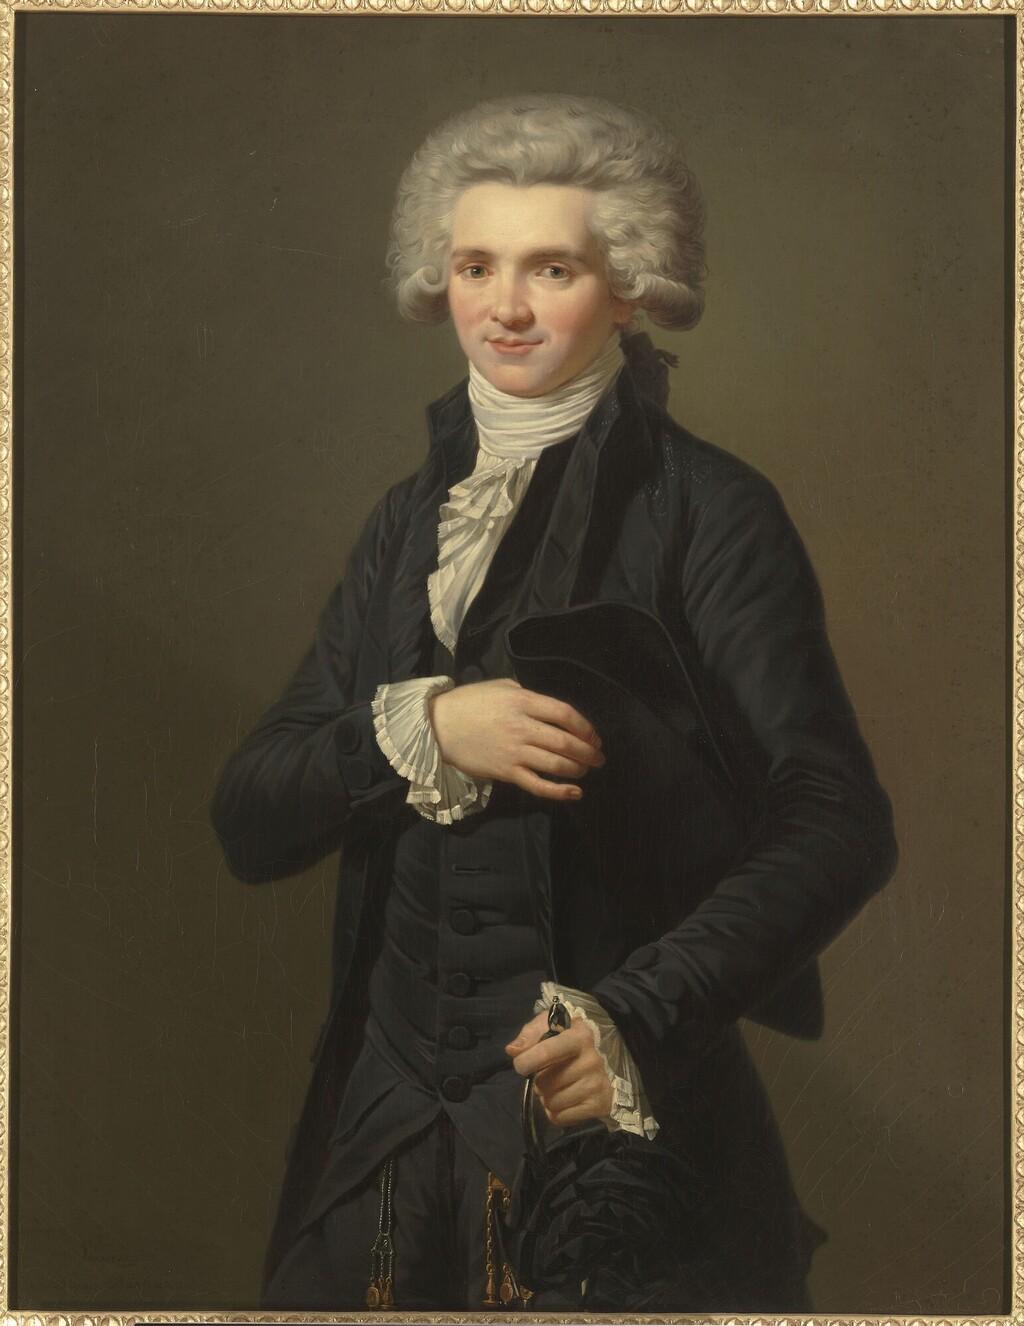 Maximilien de Robespierre - Page 6 Image253